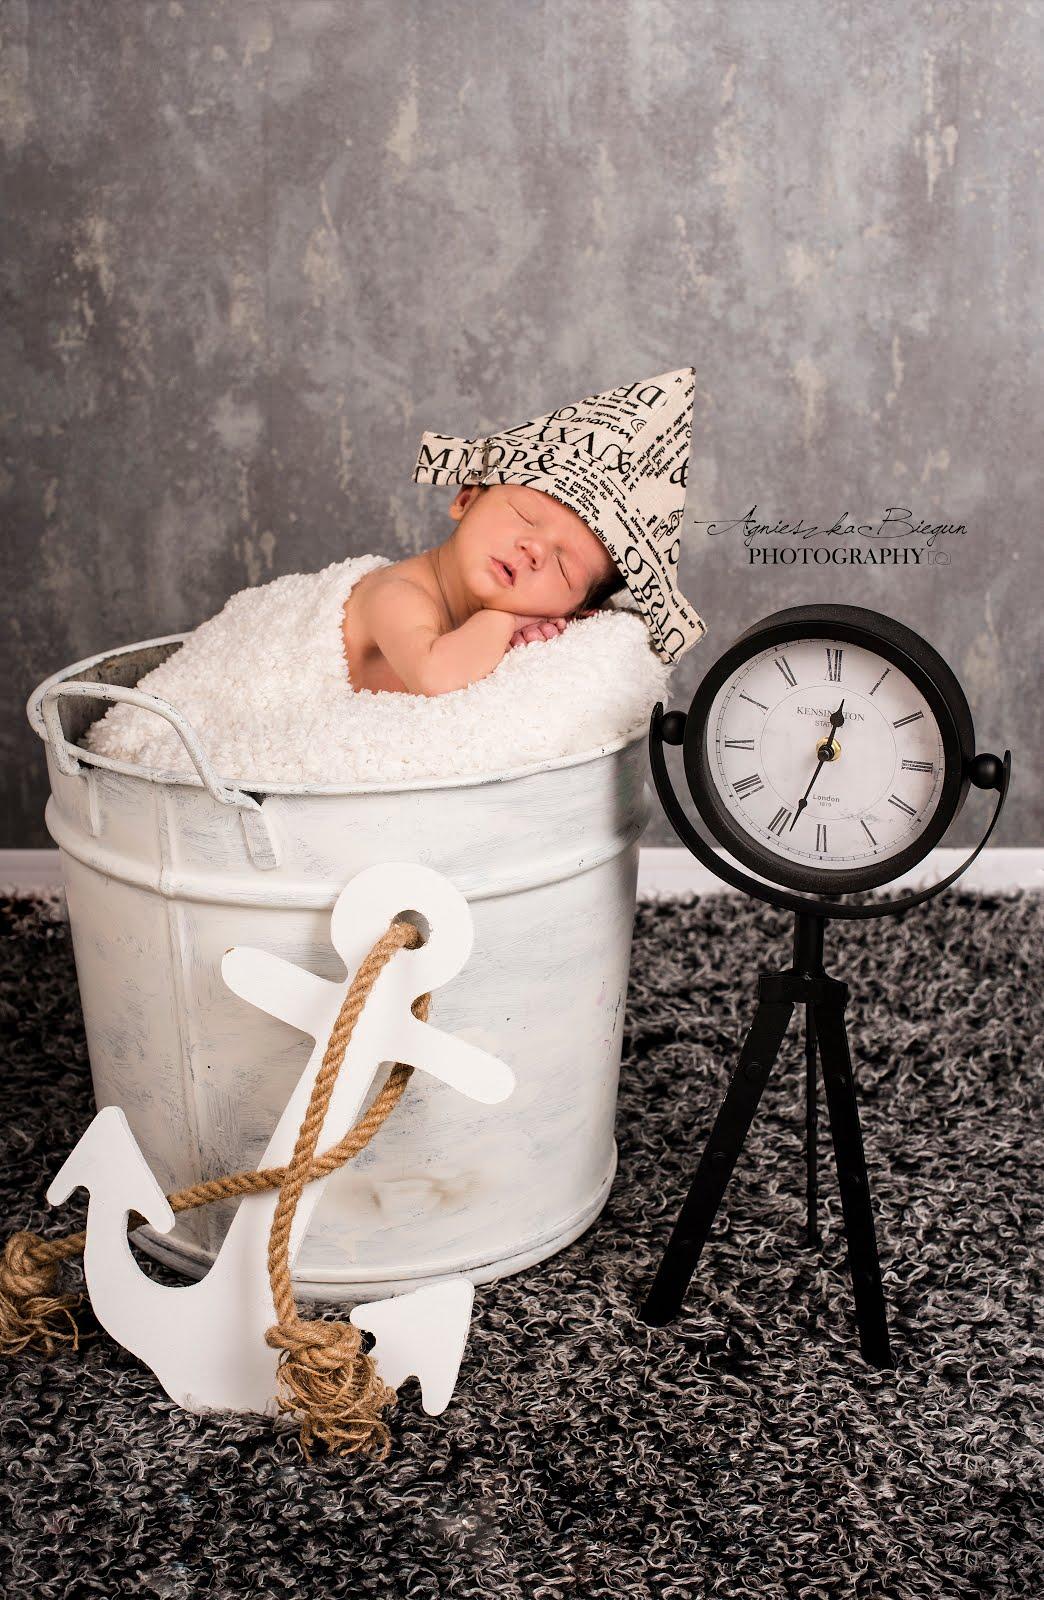 Wygoda Twojego dziecka podczas sesji, jest dla mnie najważniejsza:)